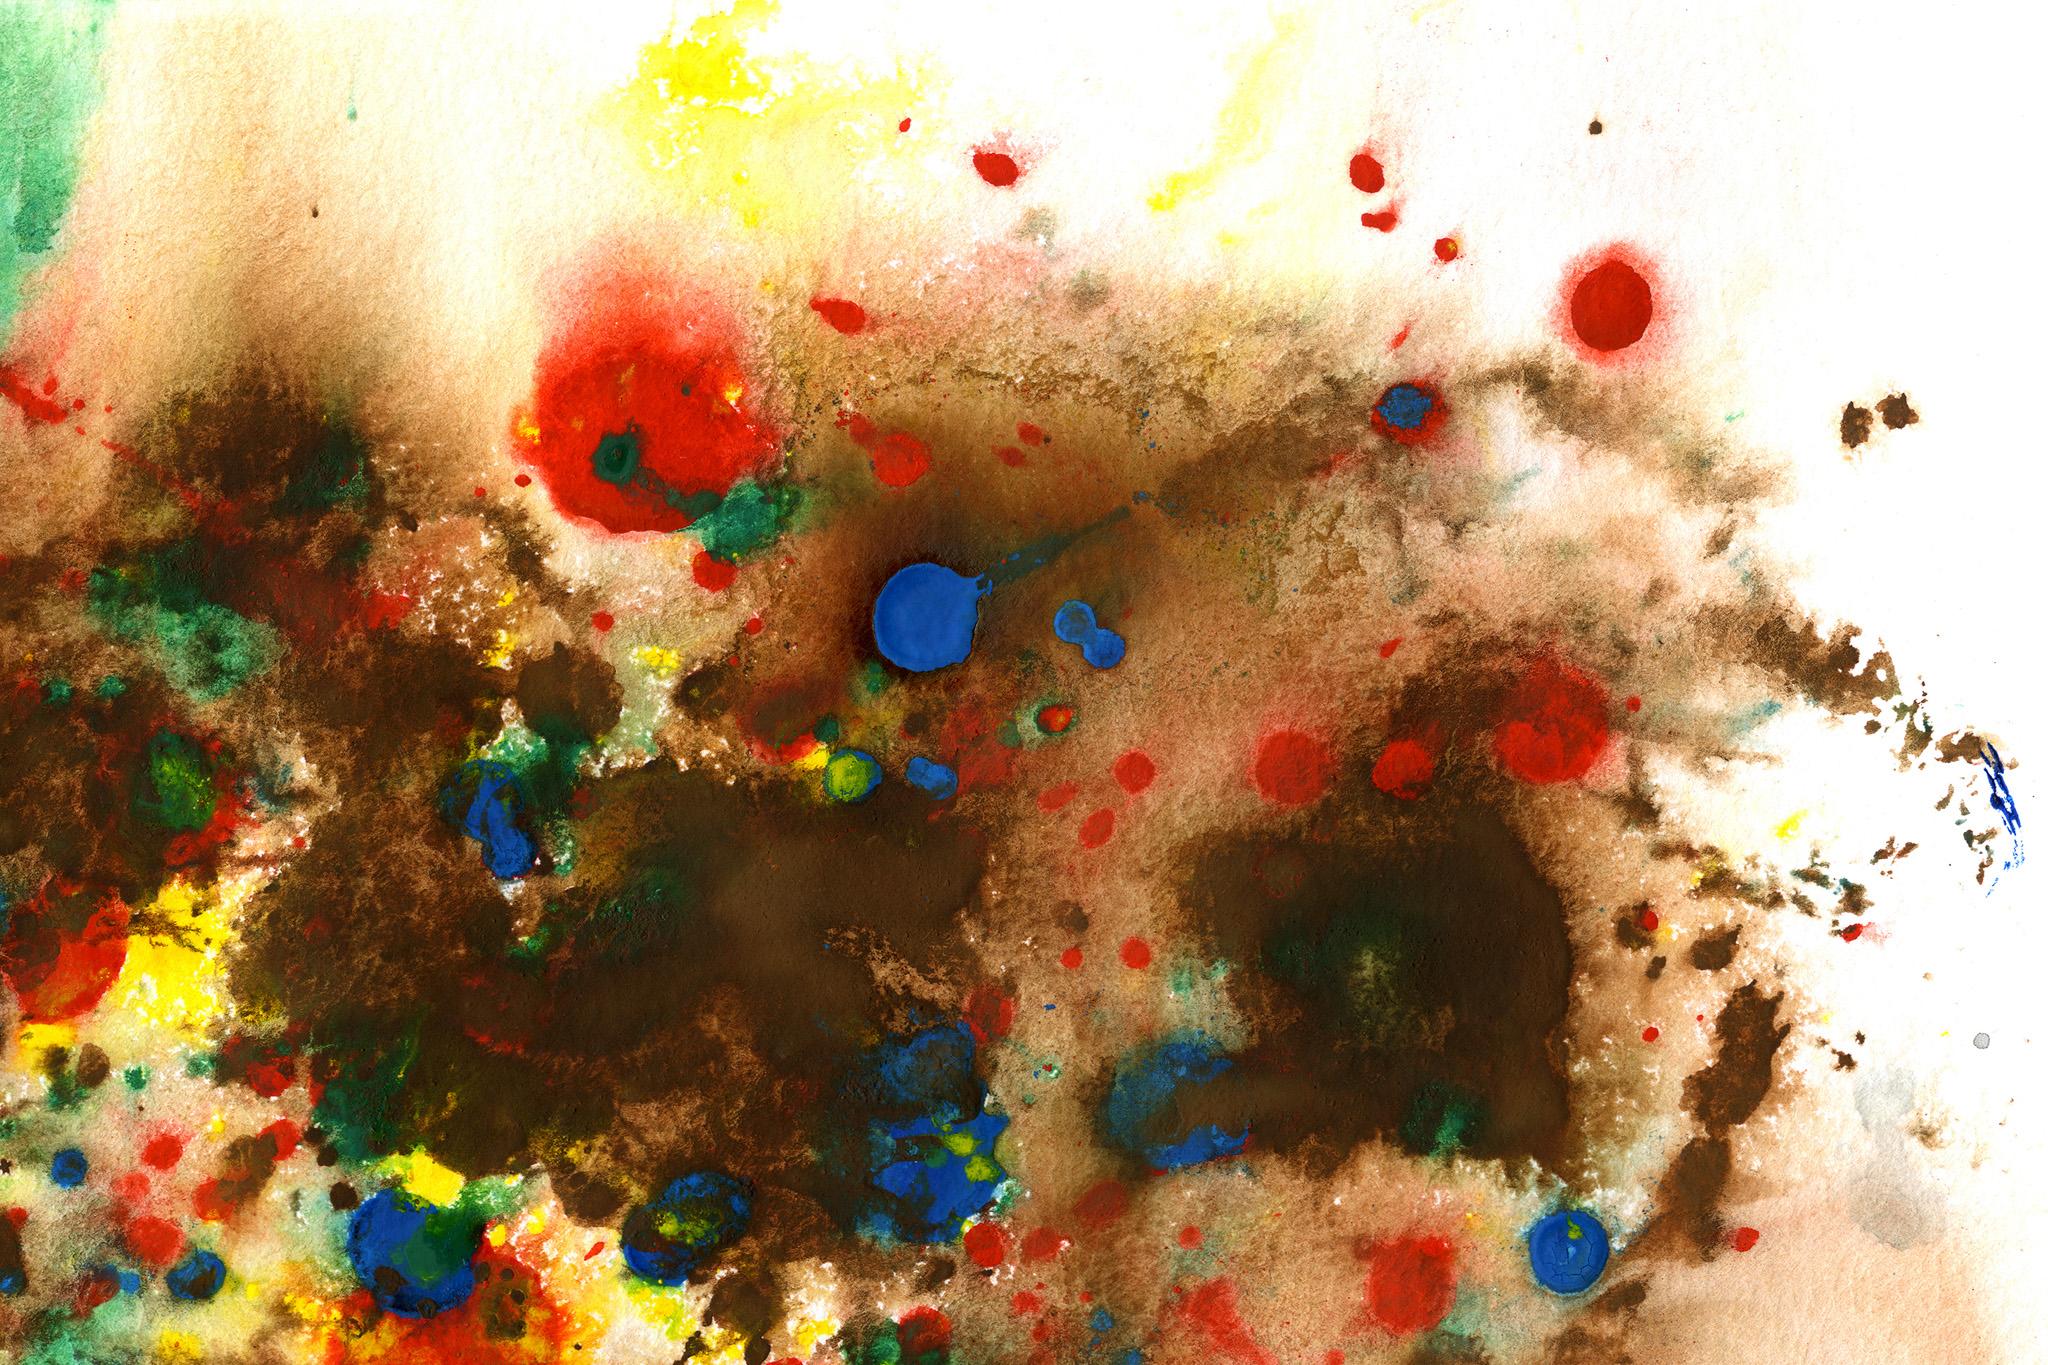 「多彩なカラーが滲んで混色する水彩紙」